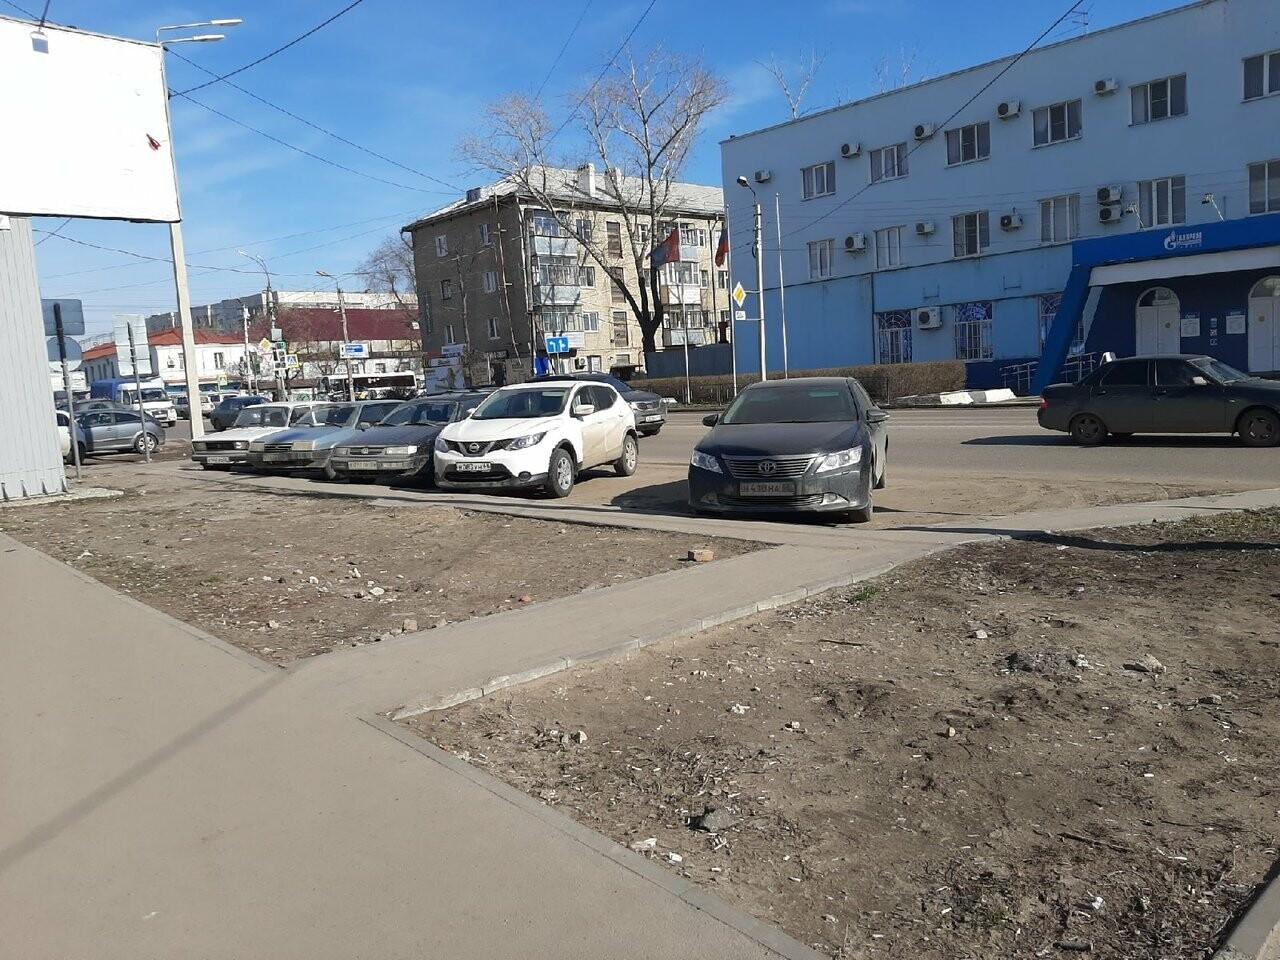 Жители домов в районе автовокзала «Северный» в Тамбове просят пешеходный переход, фото-3